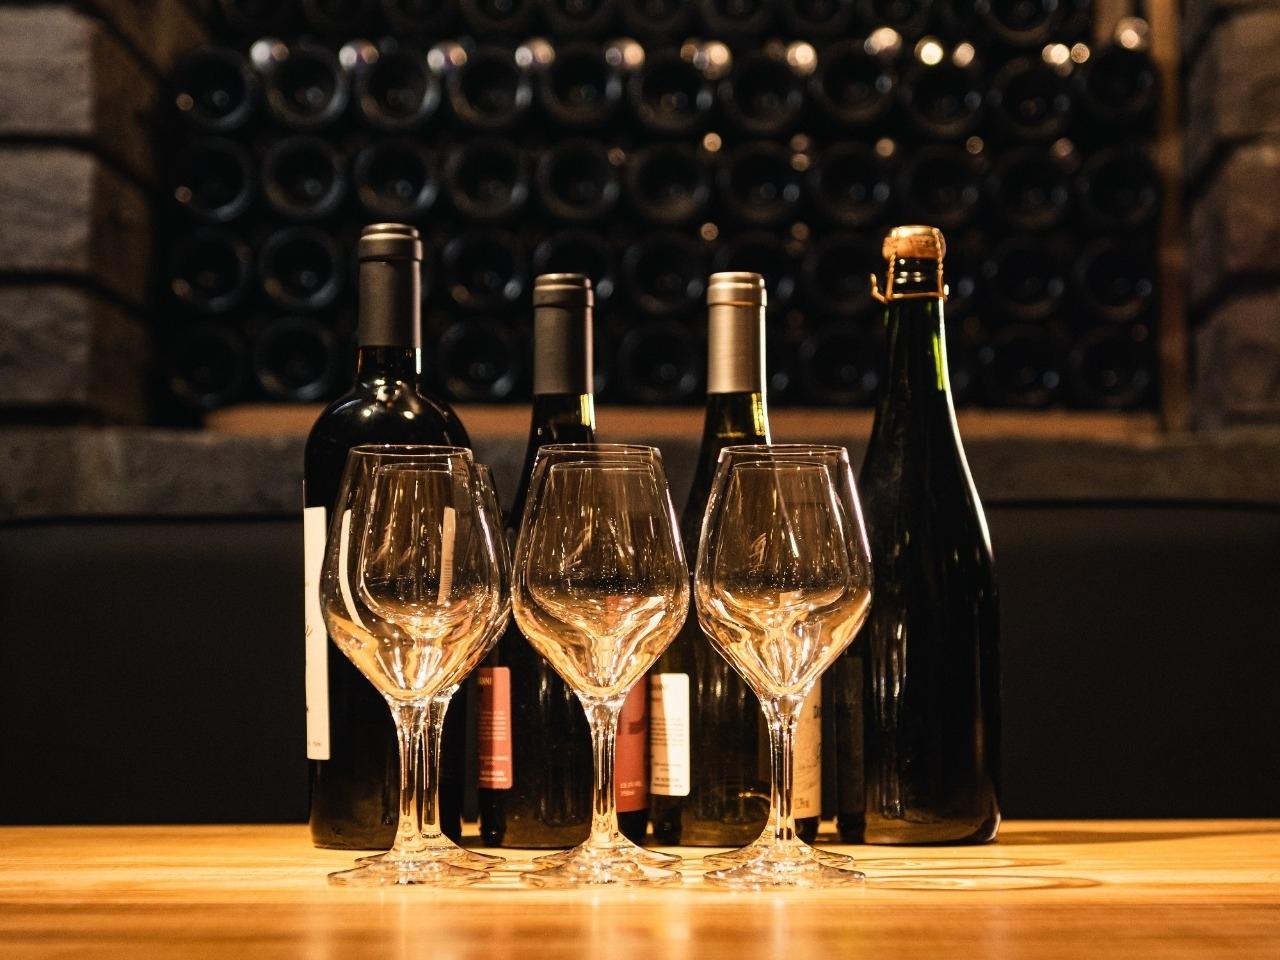 Garrafas de vinho e taças sobre a mesa e adega nos fundos